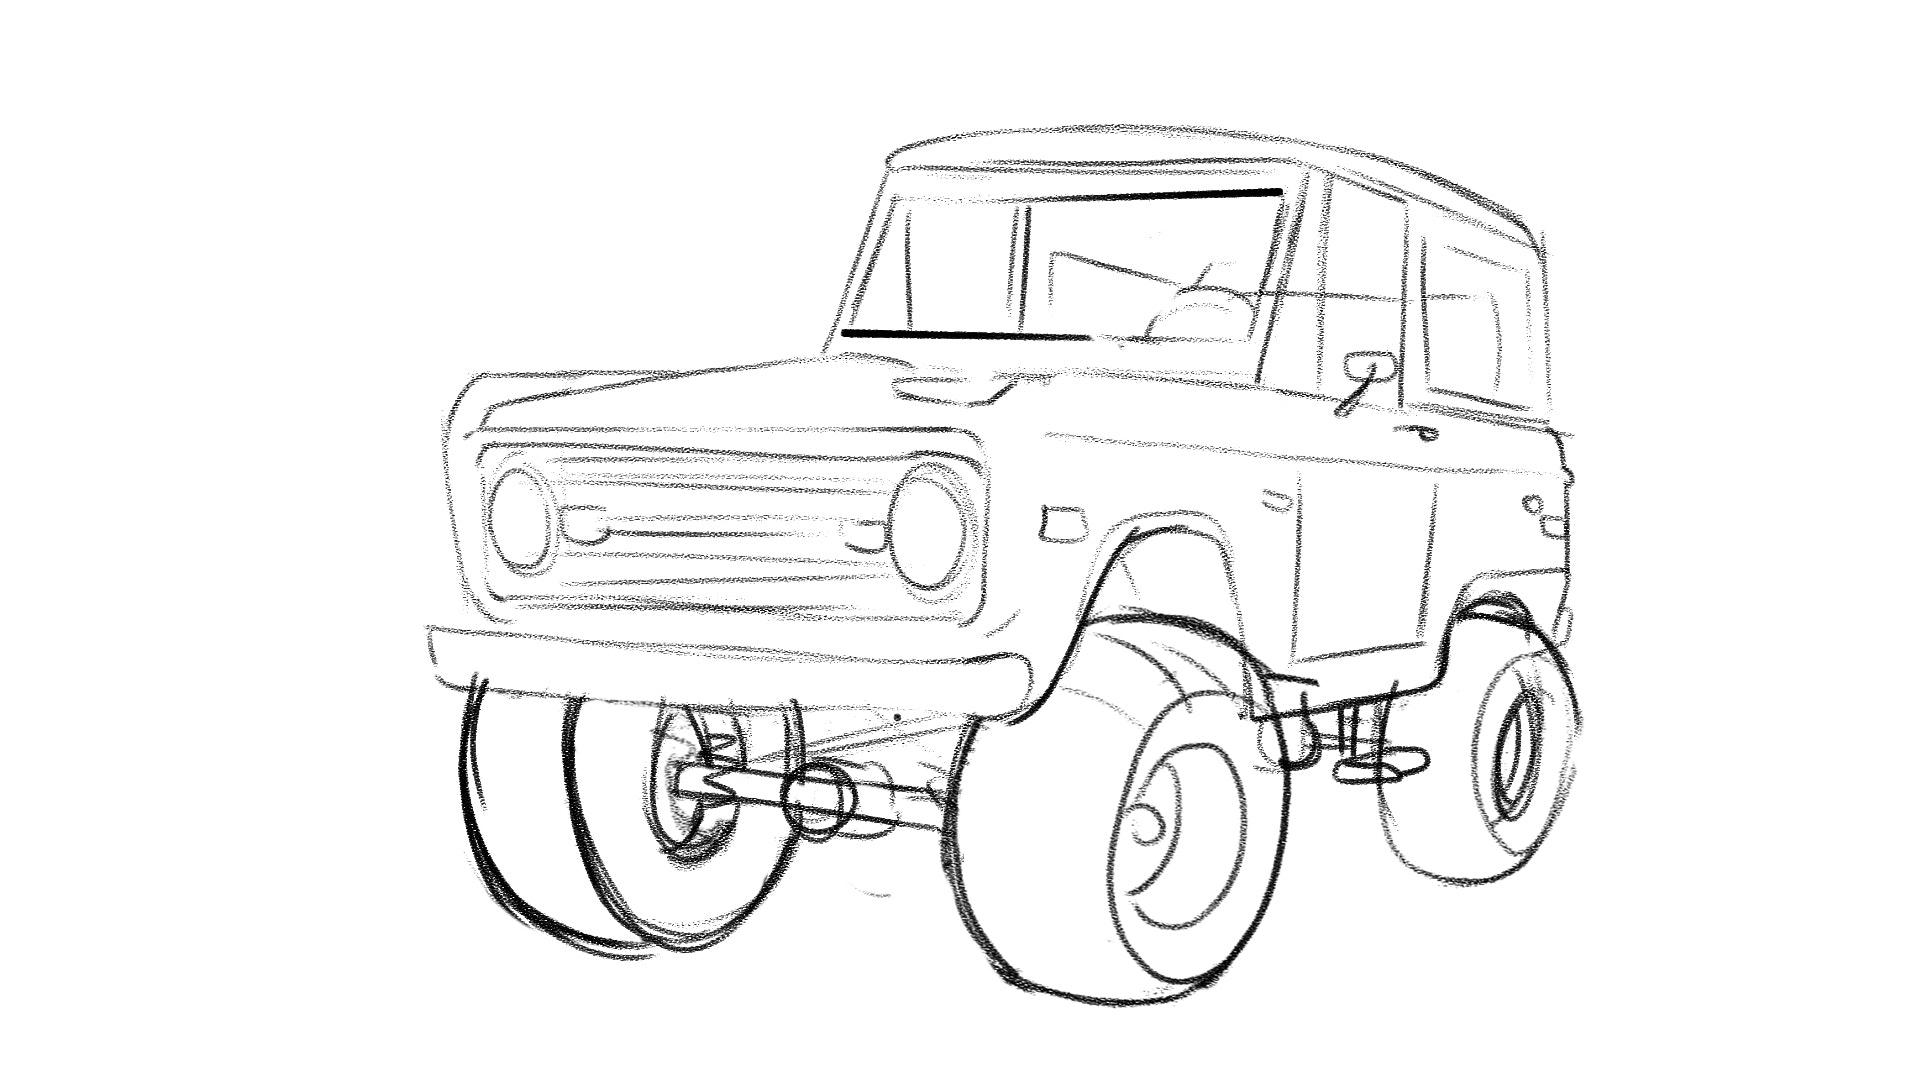 Emile - 1 Bronco sketch